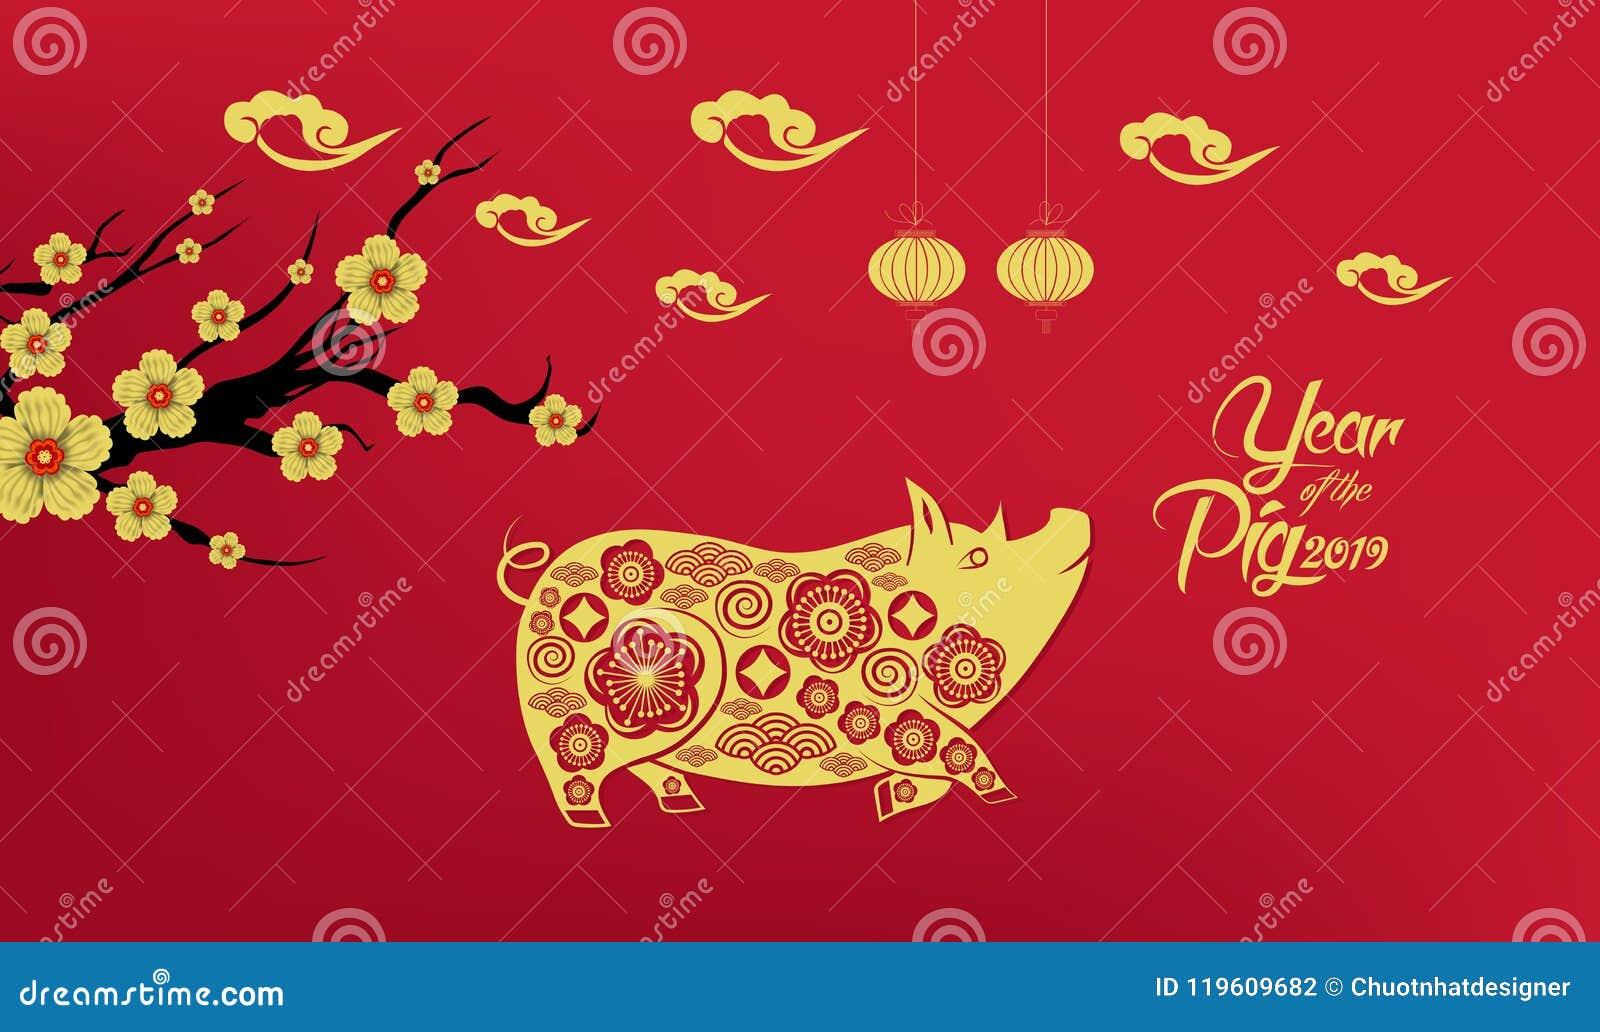 Das glückliche Chinesische Neujahrsfest, das vom Schweinpapier 2019-jährig ist, schnitt Art Sternzeichen für Grußkarte, Flieger,